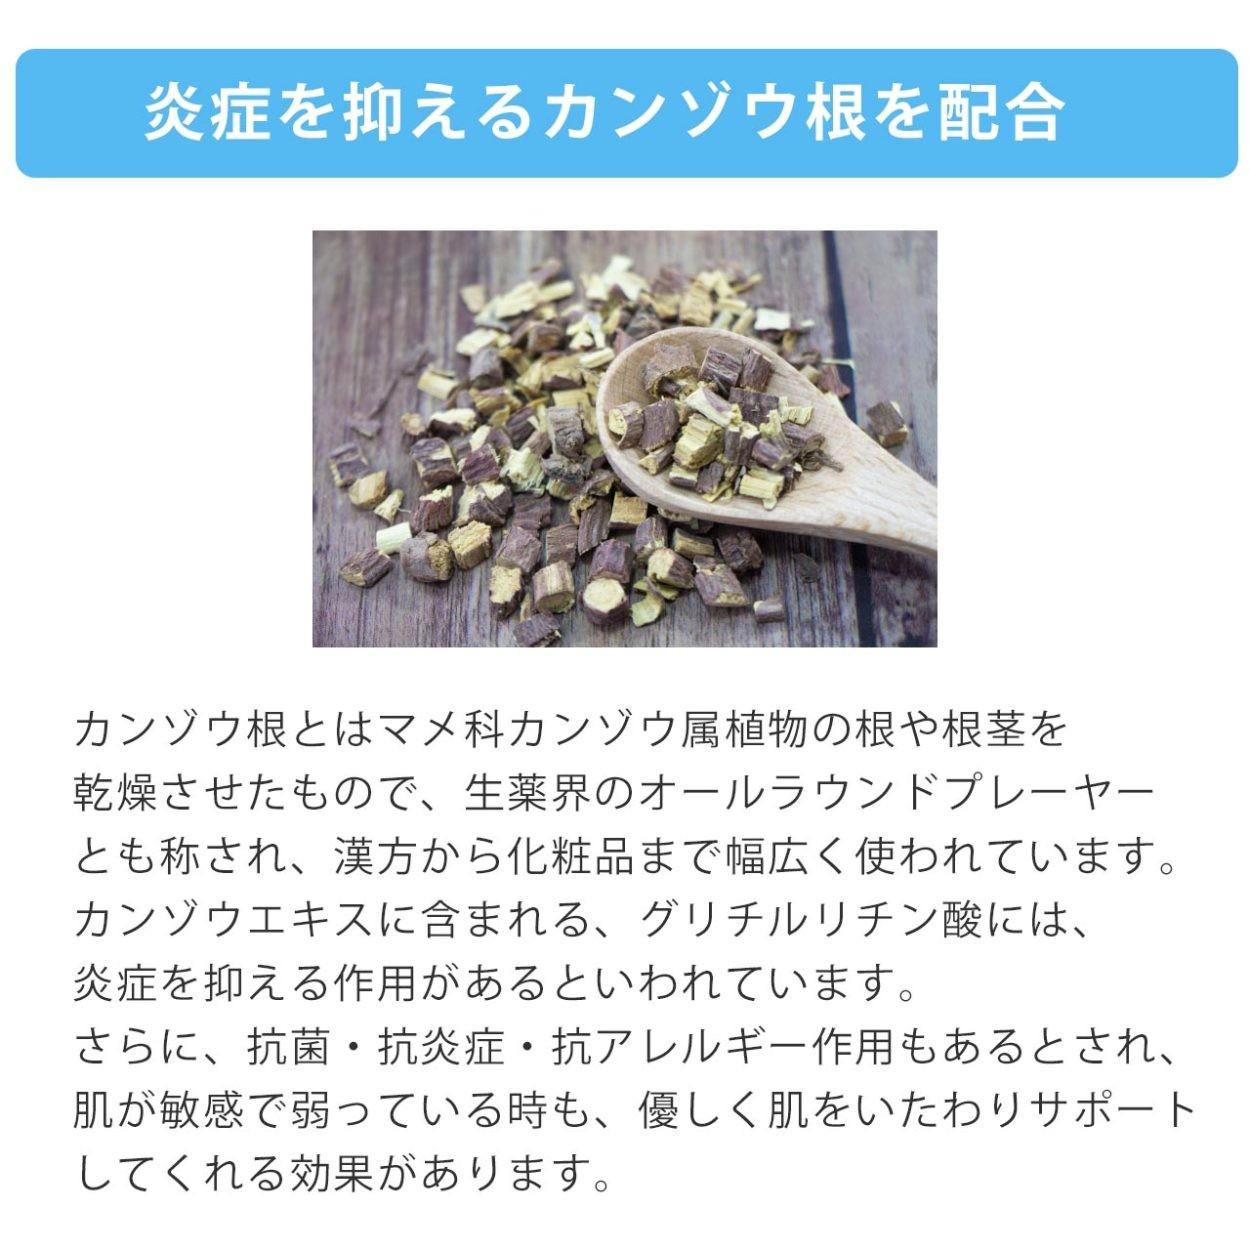 アルコール 除菌 ハンドジェル 50ml